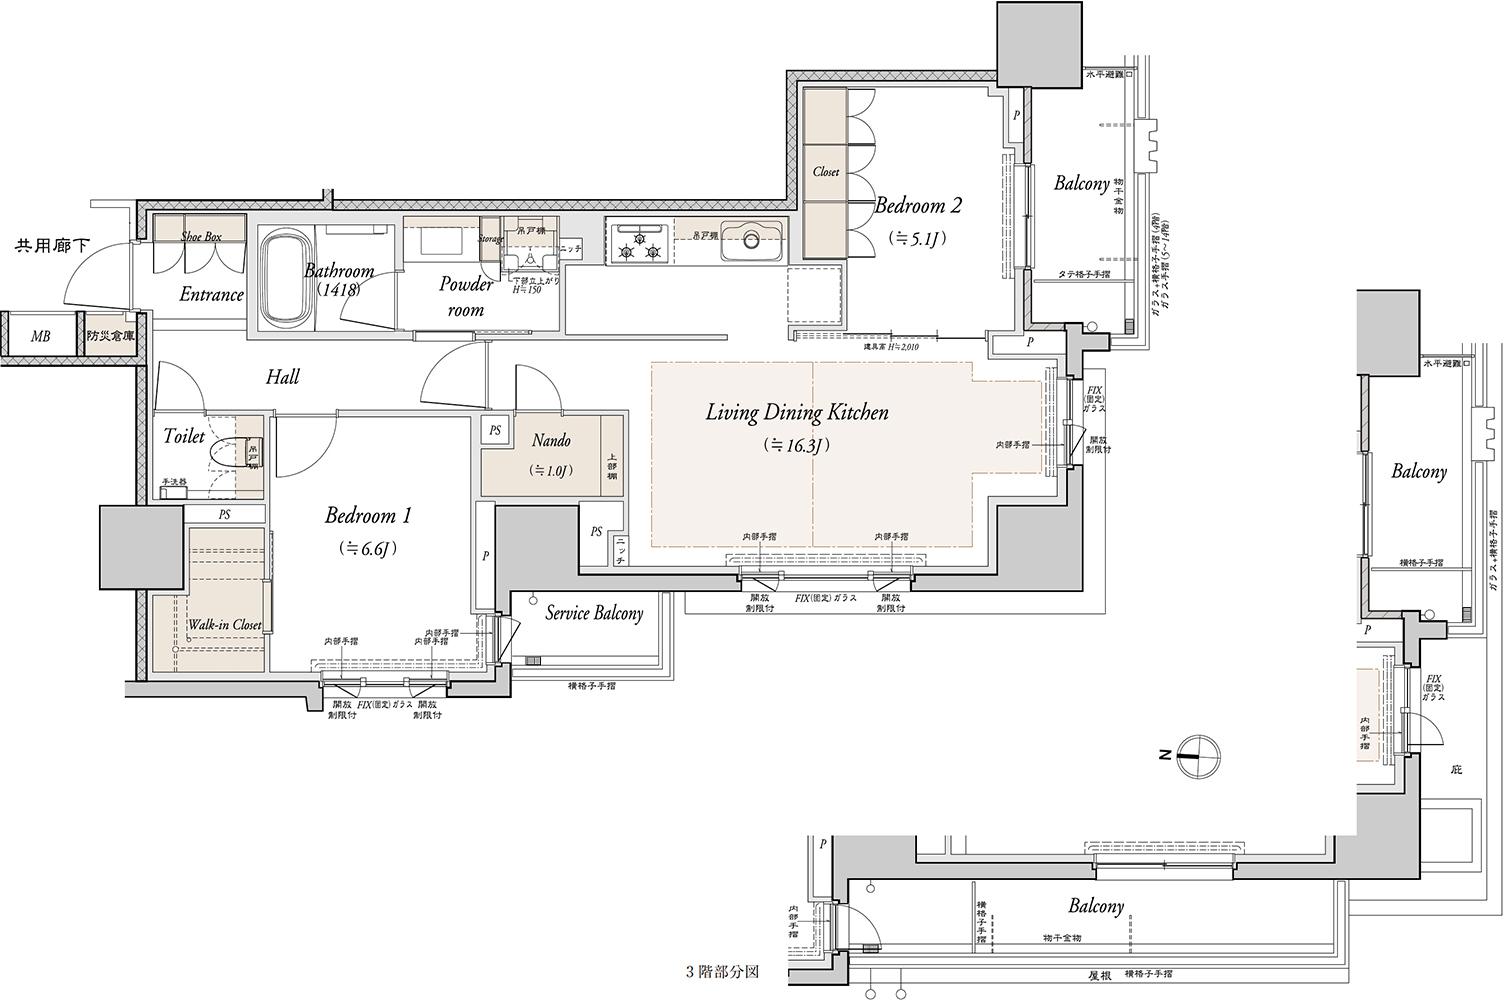 防災倉庫面積:0.48㎡※専有面積に含む  バルコニー面積:12.24㎡(3F)、4.20㎡(4~15F)  サービスバルコニー面積:3.81㎡  ※10階以上の天井にはスプリンクラーが設置されています。  ※洗濯機置場の床は高さ約150mmの立ち上がりがございます。